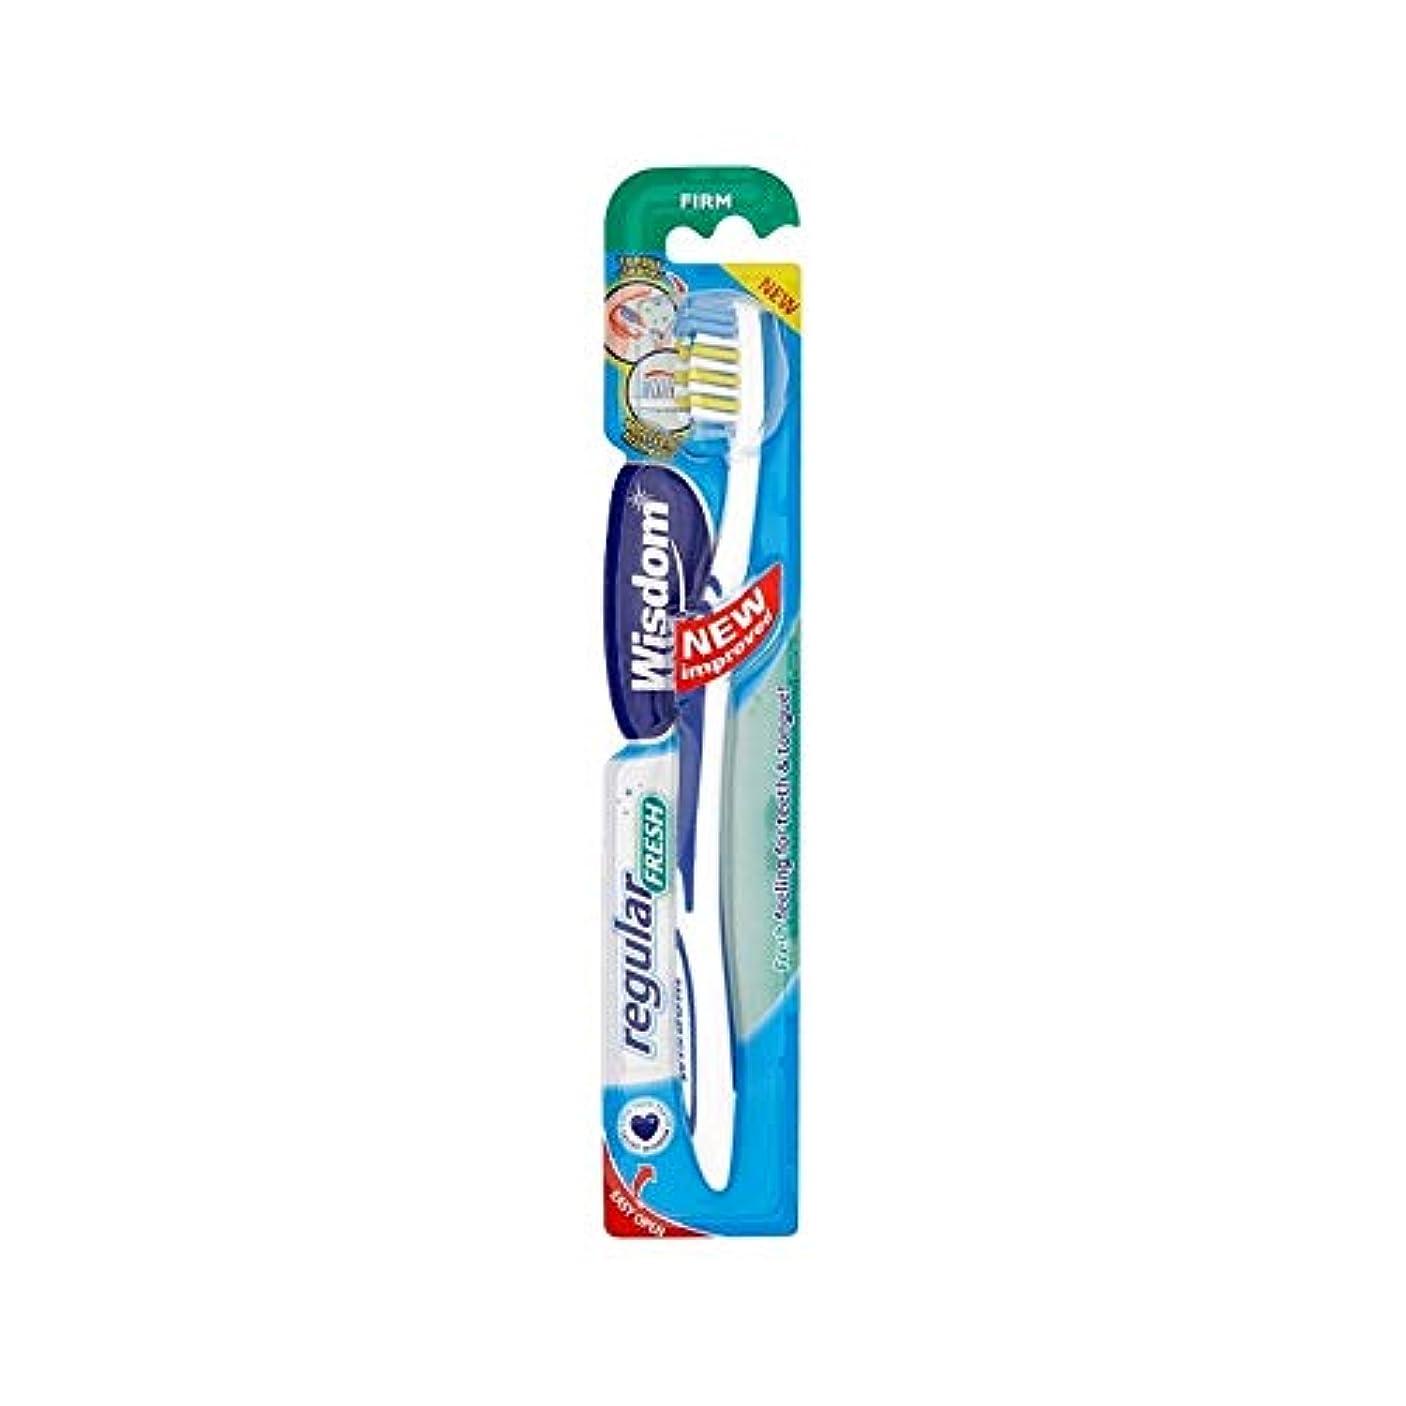 鉄道駅死にかけている医薬[Wisdom ] 12の知恵定期的に新鮮しっかり歯ブラシパック - Wisdom Regular Fresh Firm Toothbrush Pack of 12 [並行輸入品]